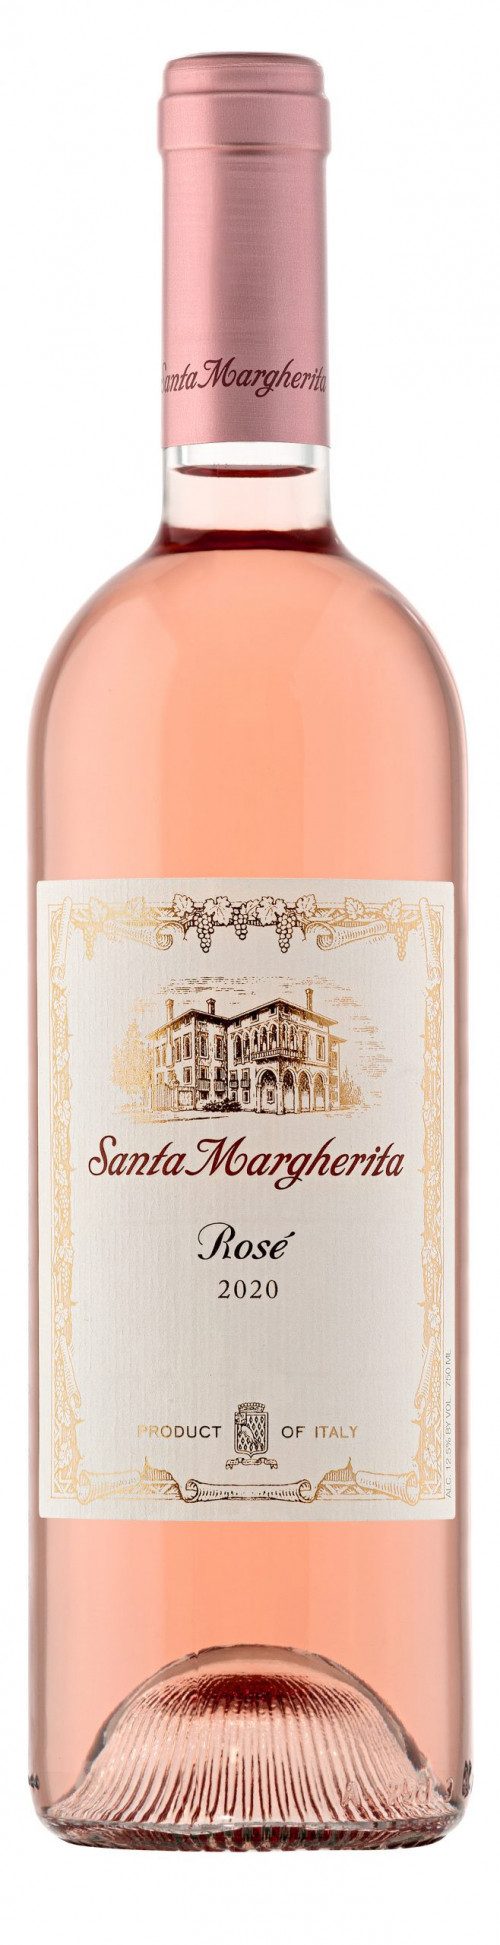 2020 Santa Margherita Rose 750ml